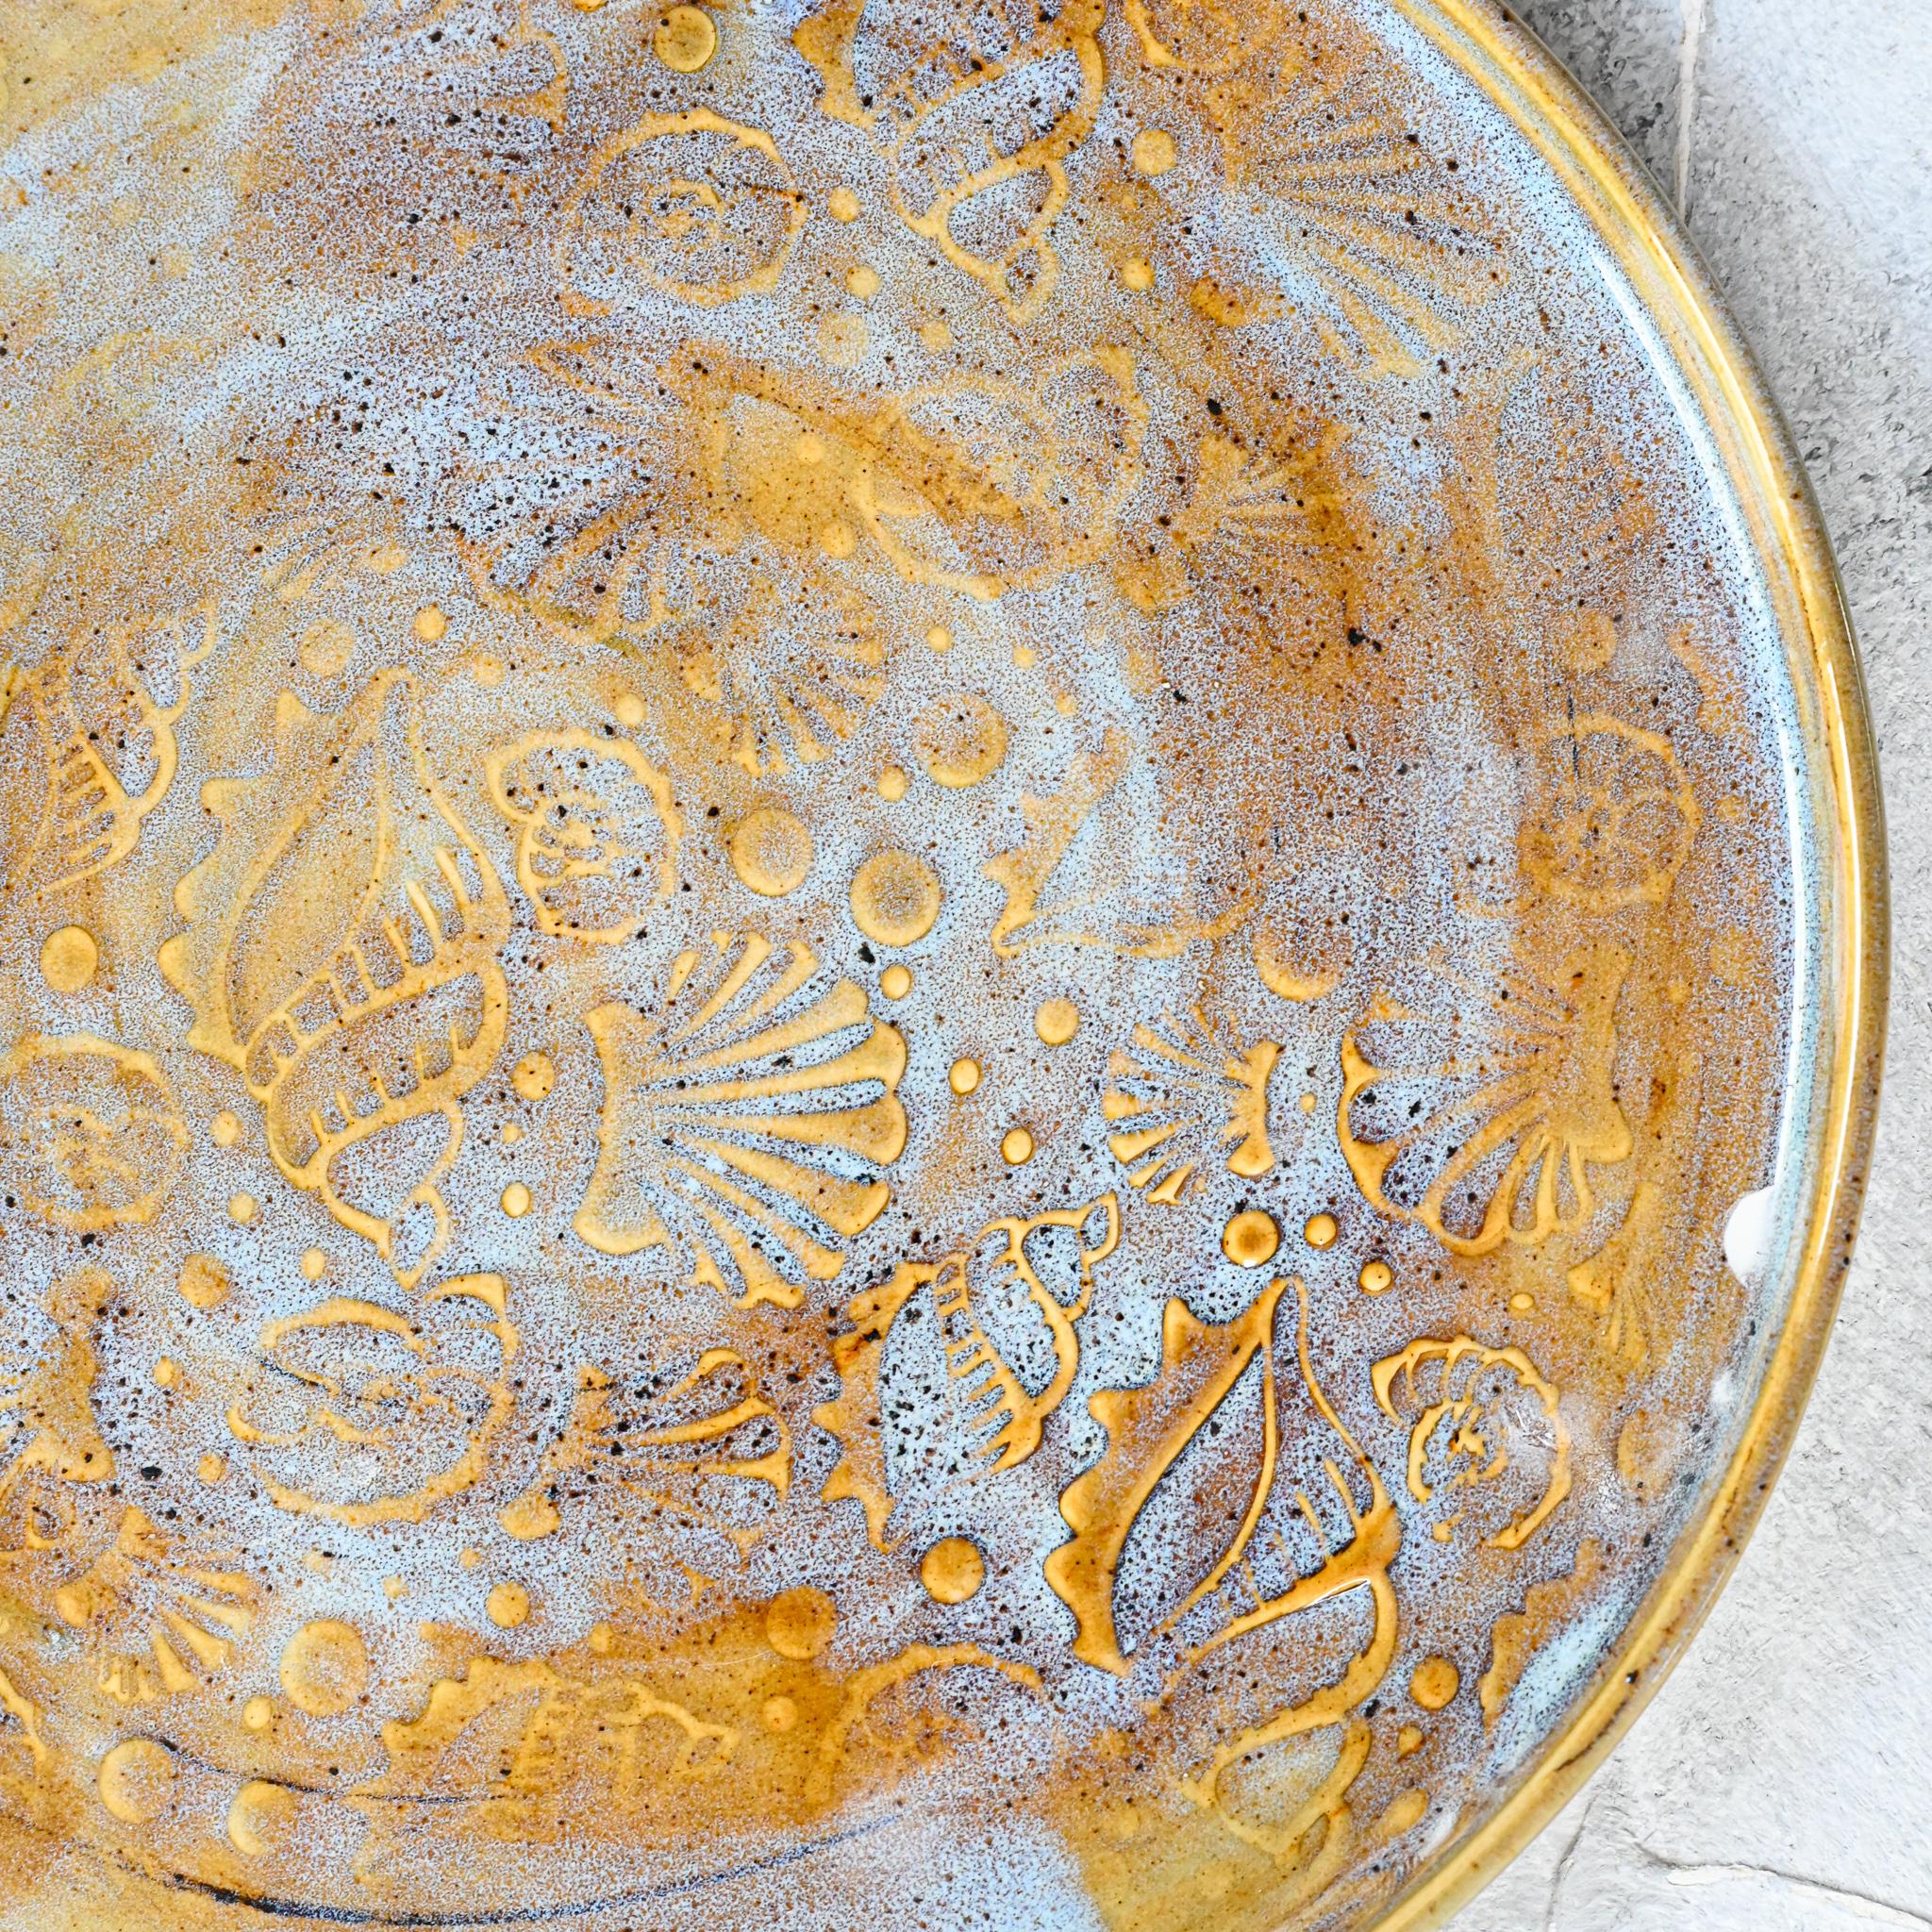 """картинка Керамическая тарелка """"Морское дно"""" 4 - DishWishes.Ru"""